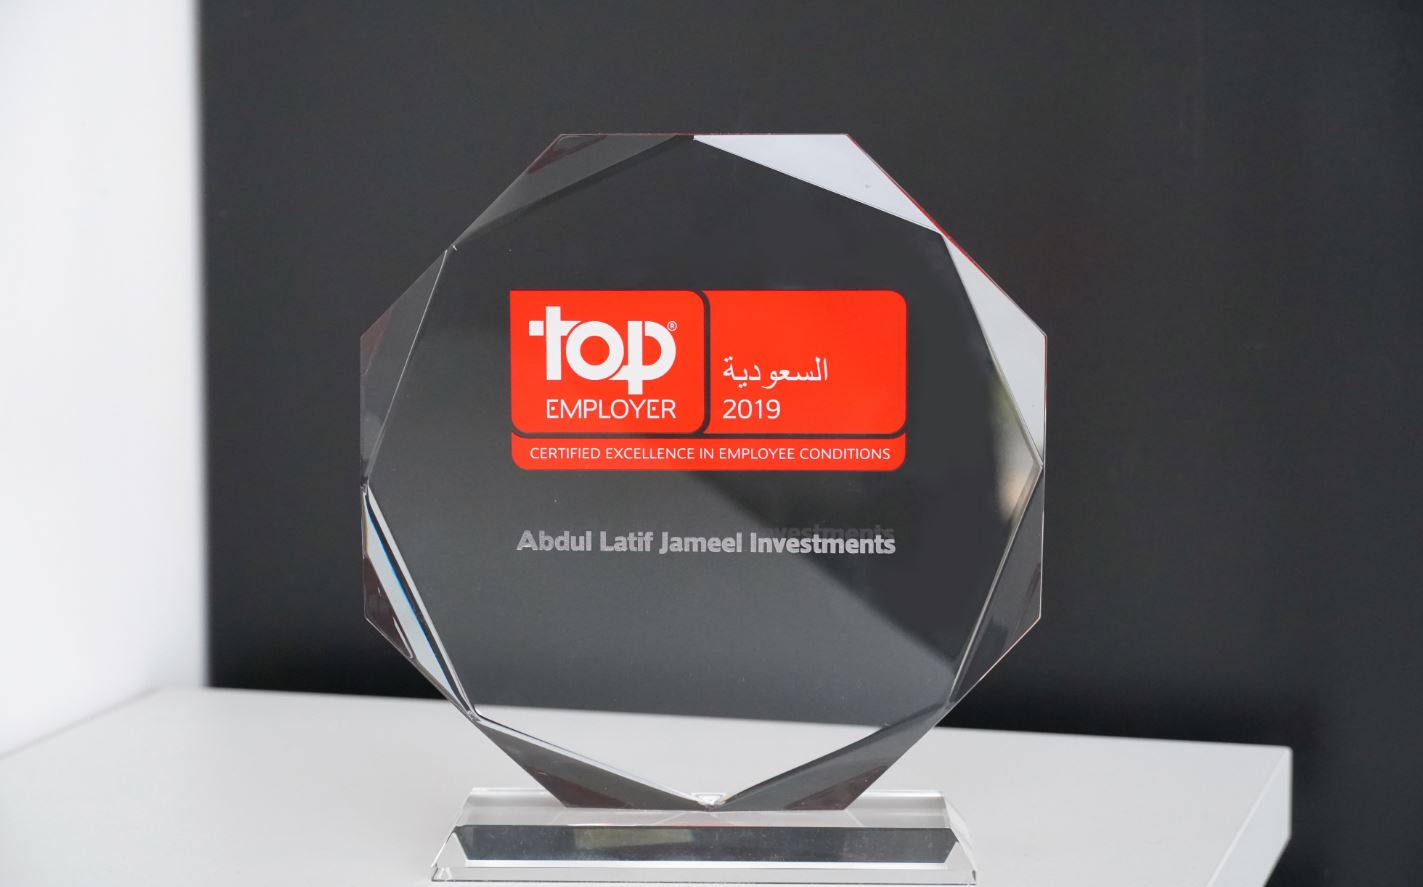 Abdul Latif Jameel Investments es reconocido como uno de los mejores lugares de trabajo en Arabia Saudí